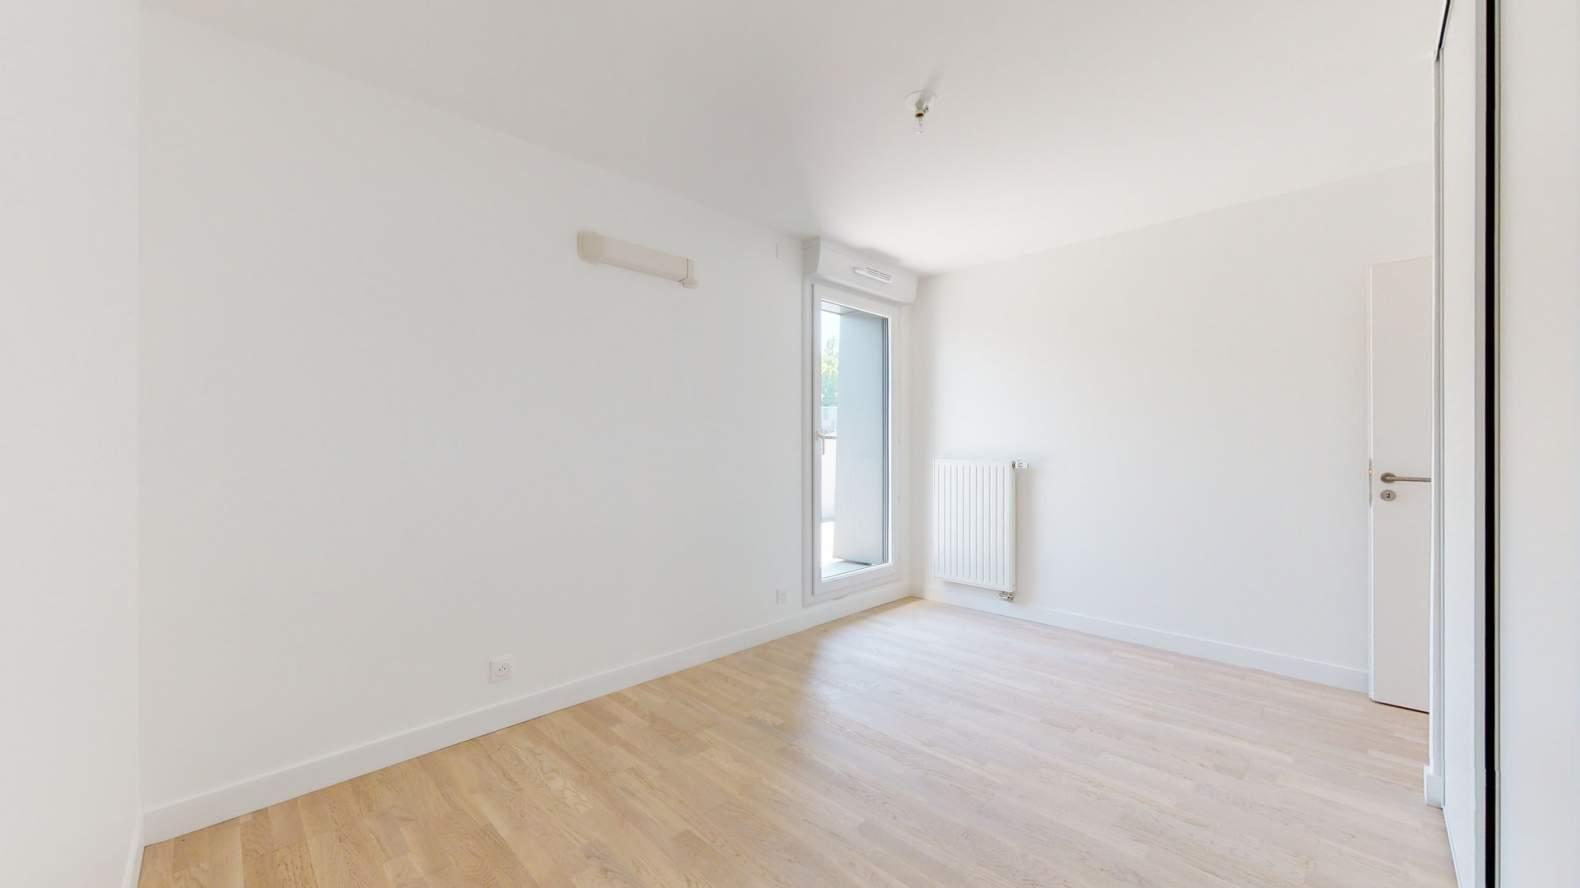 Évian-les-Bains  - Appartement 3 Pièces 2 Chambres - picture 9